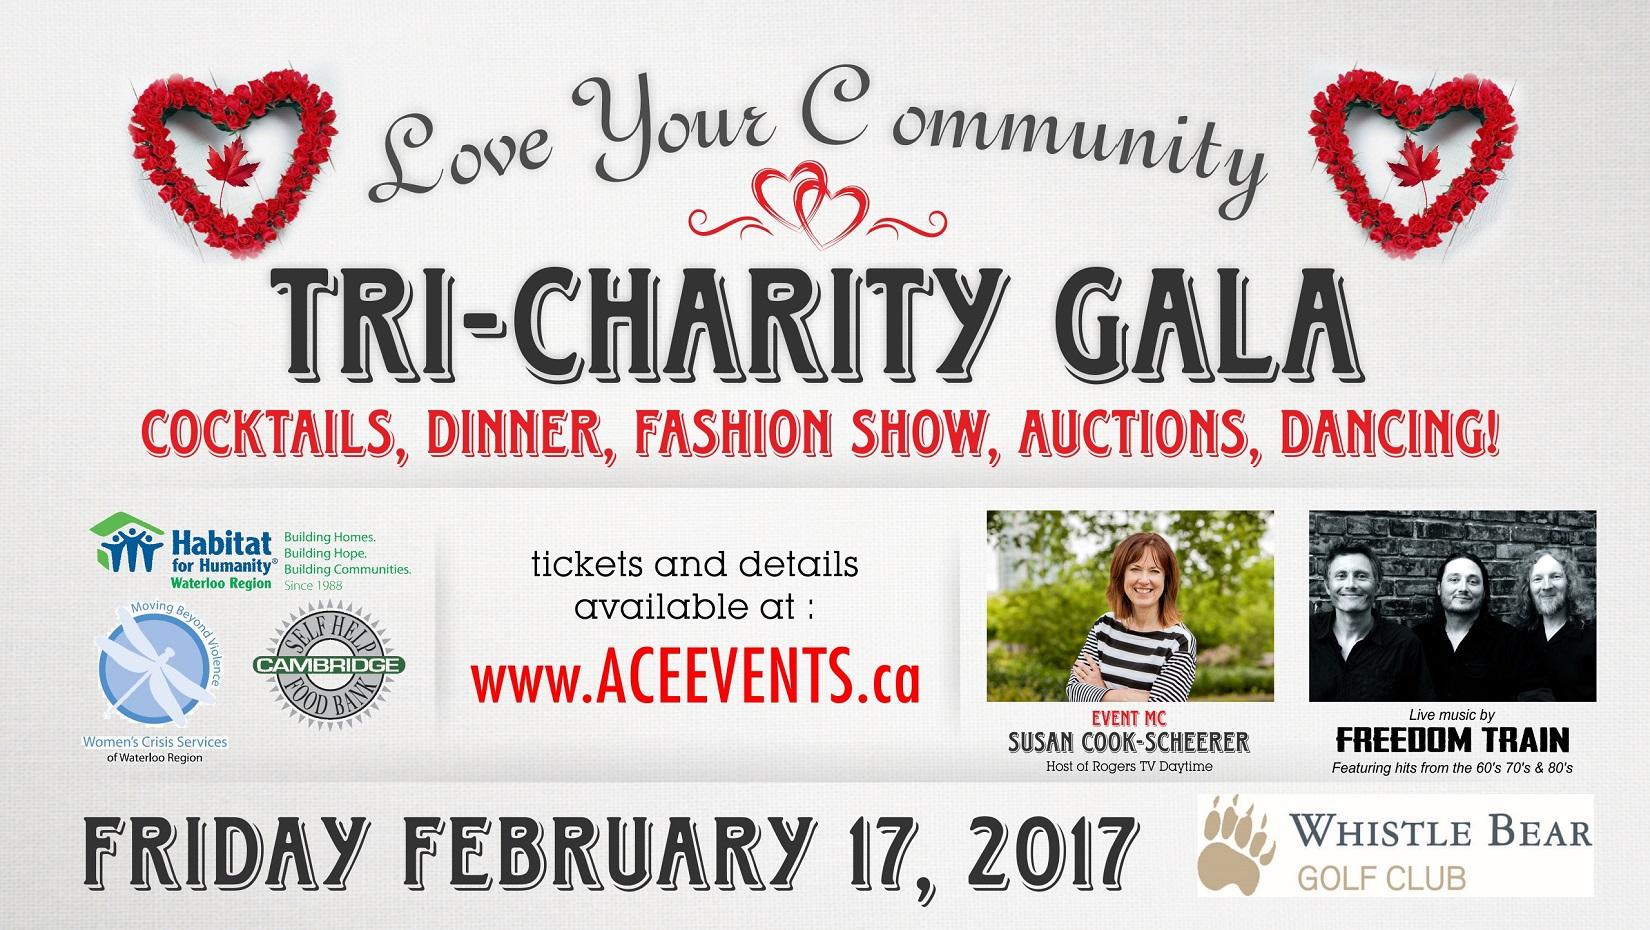 Tri Charity Gala